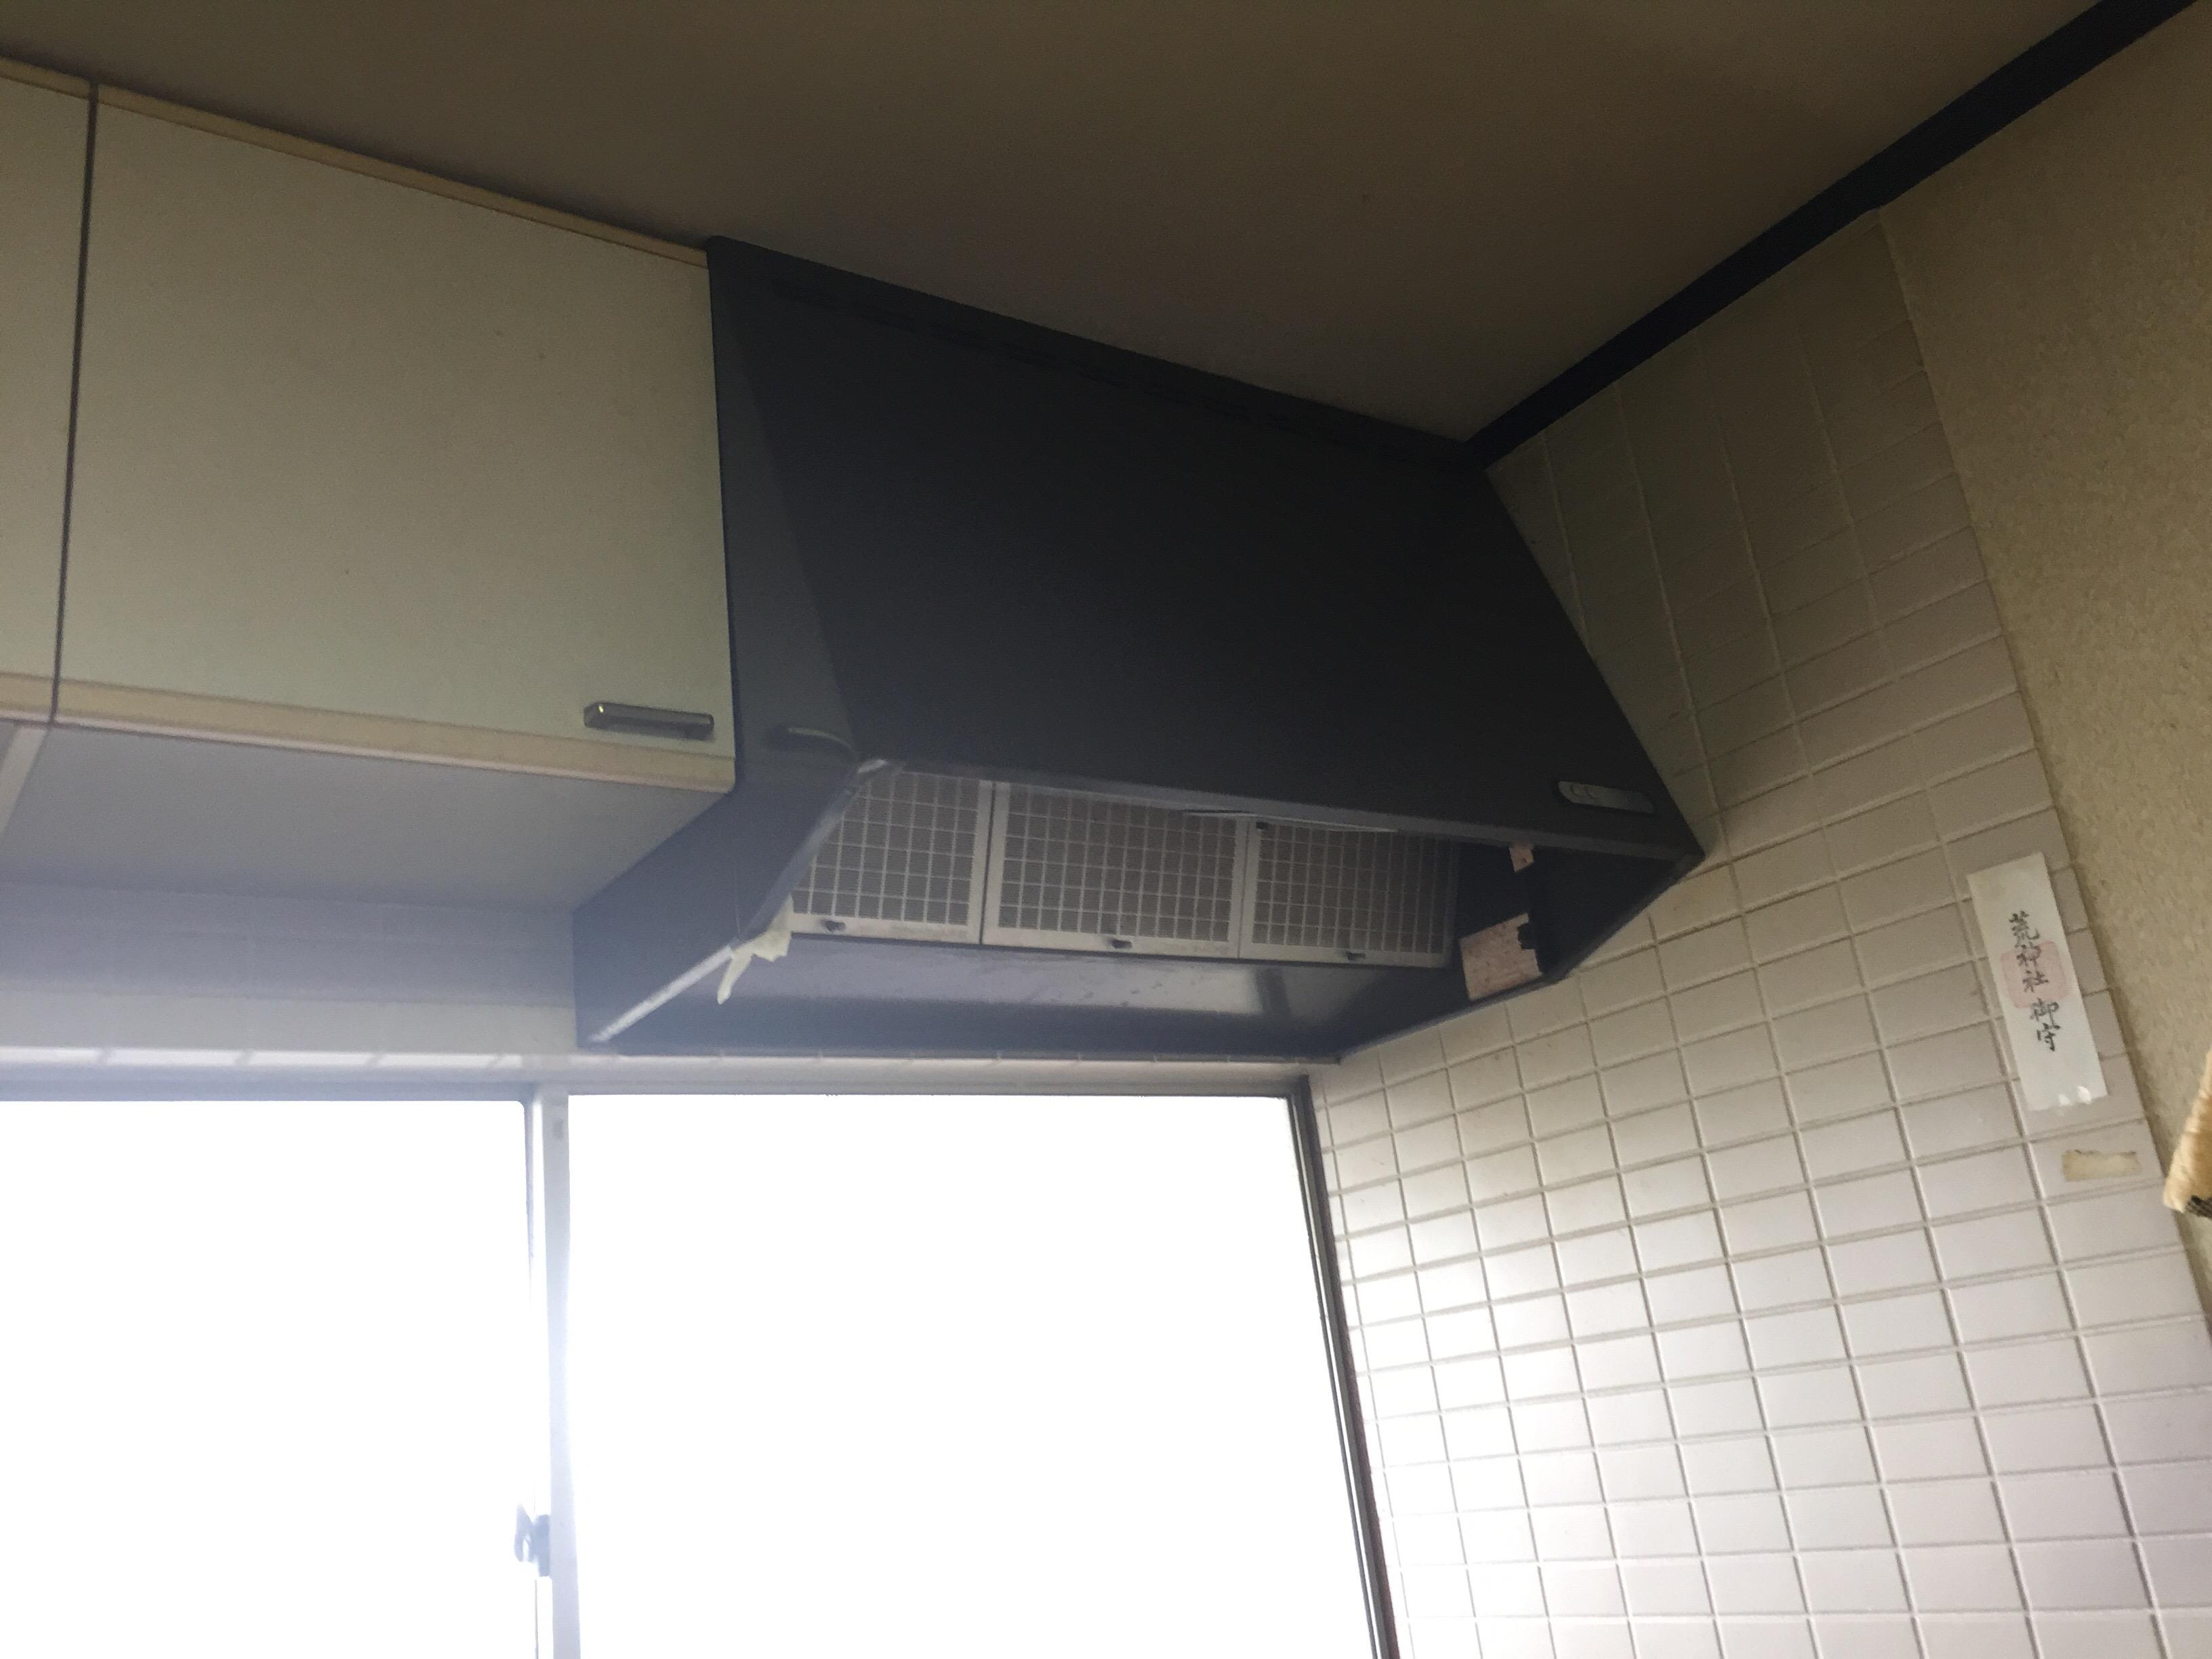 西条市 ガスコンロをIHコンロへリフォーム 換気扇